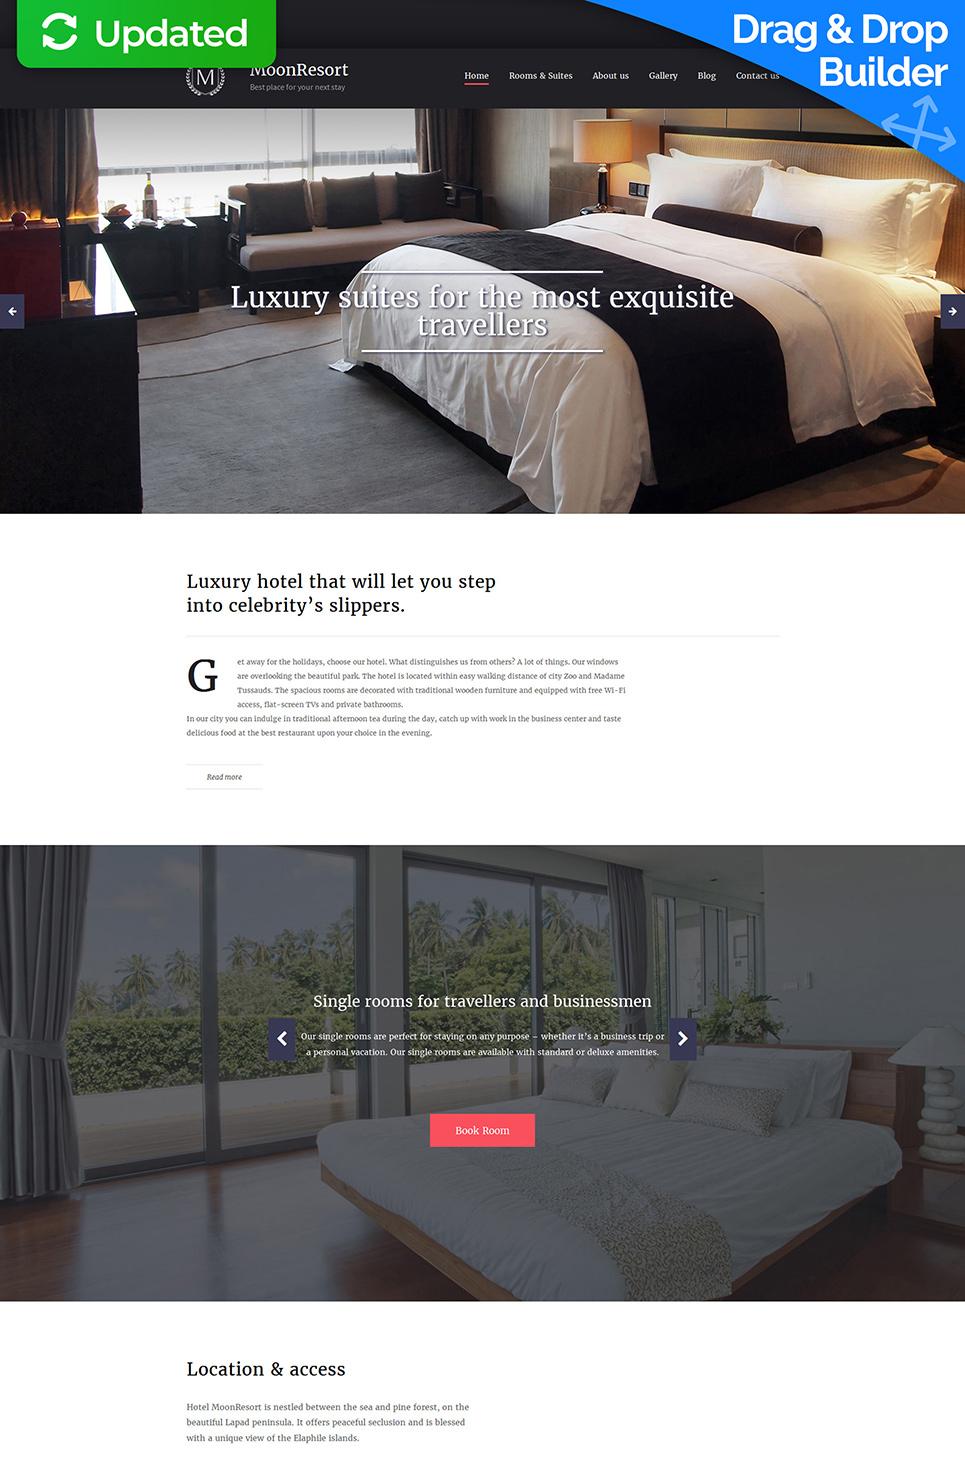 MotoCMS 3 Plantilla #58807 de categoría Hoteles - image